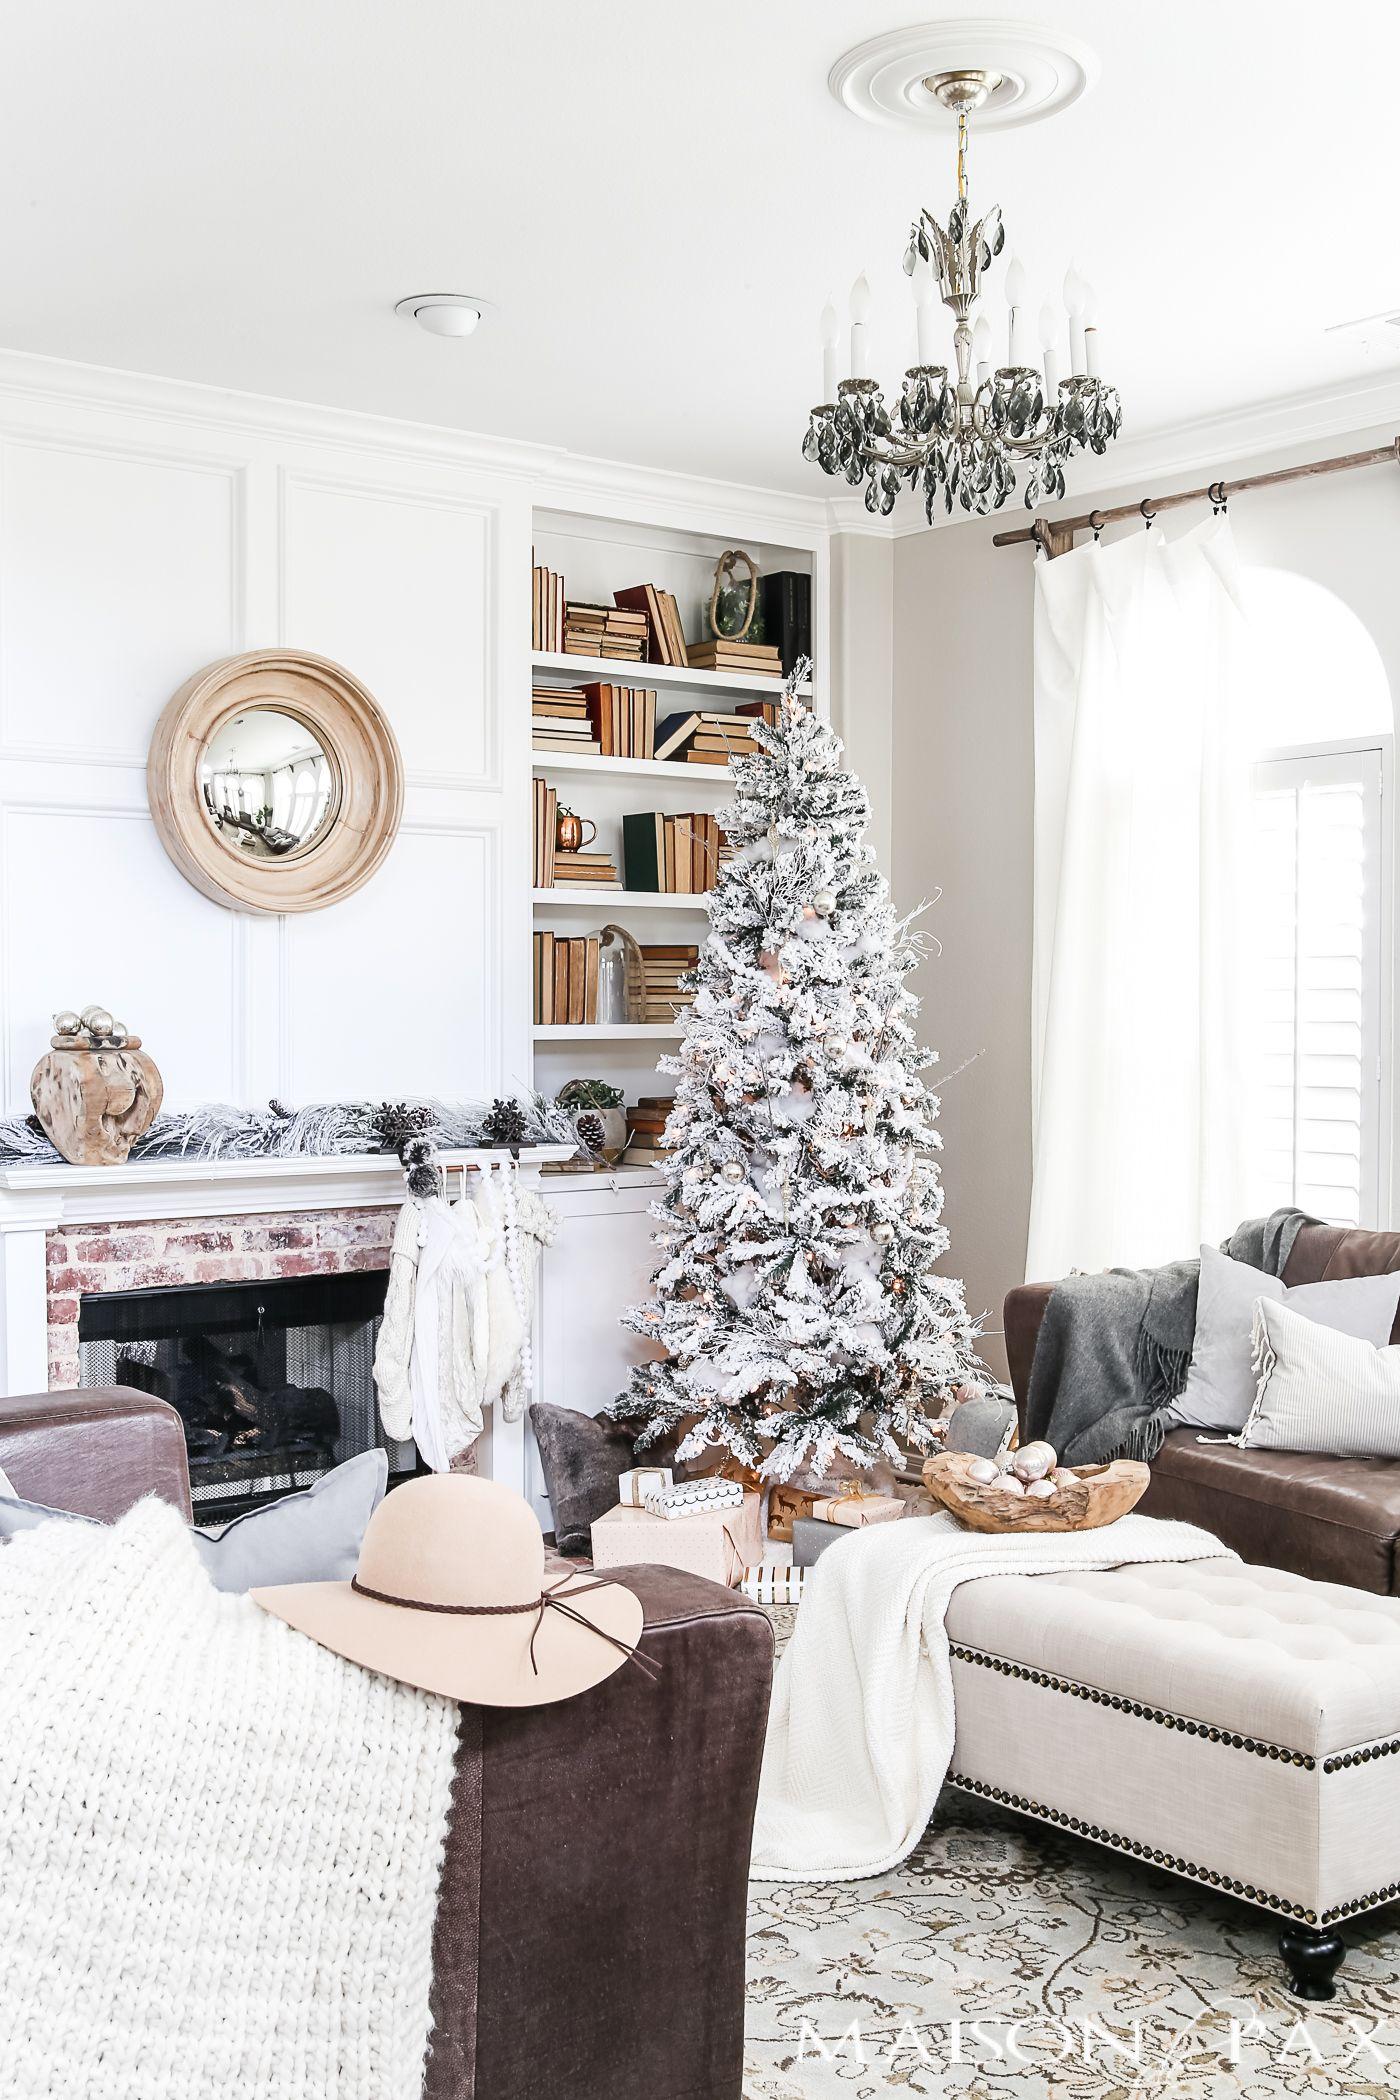 Simple Holiday Decorating: Christmas Home Tour | Christmas living ...